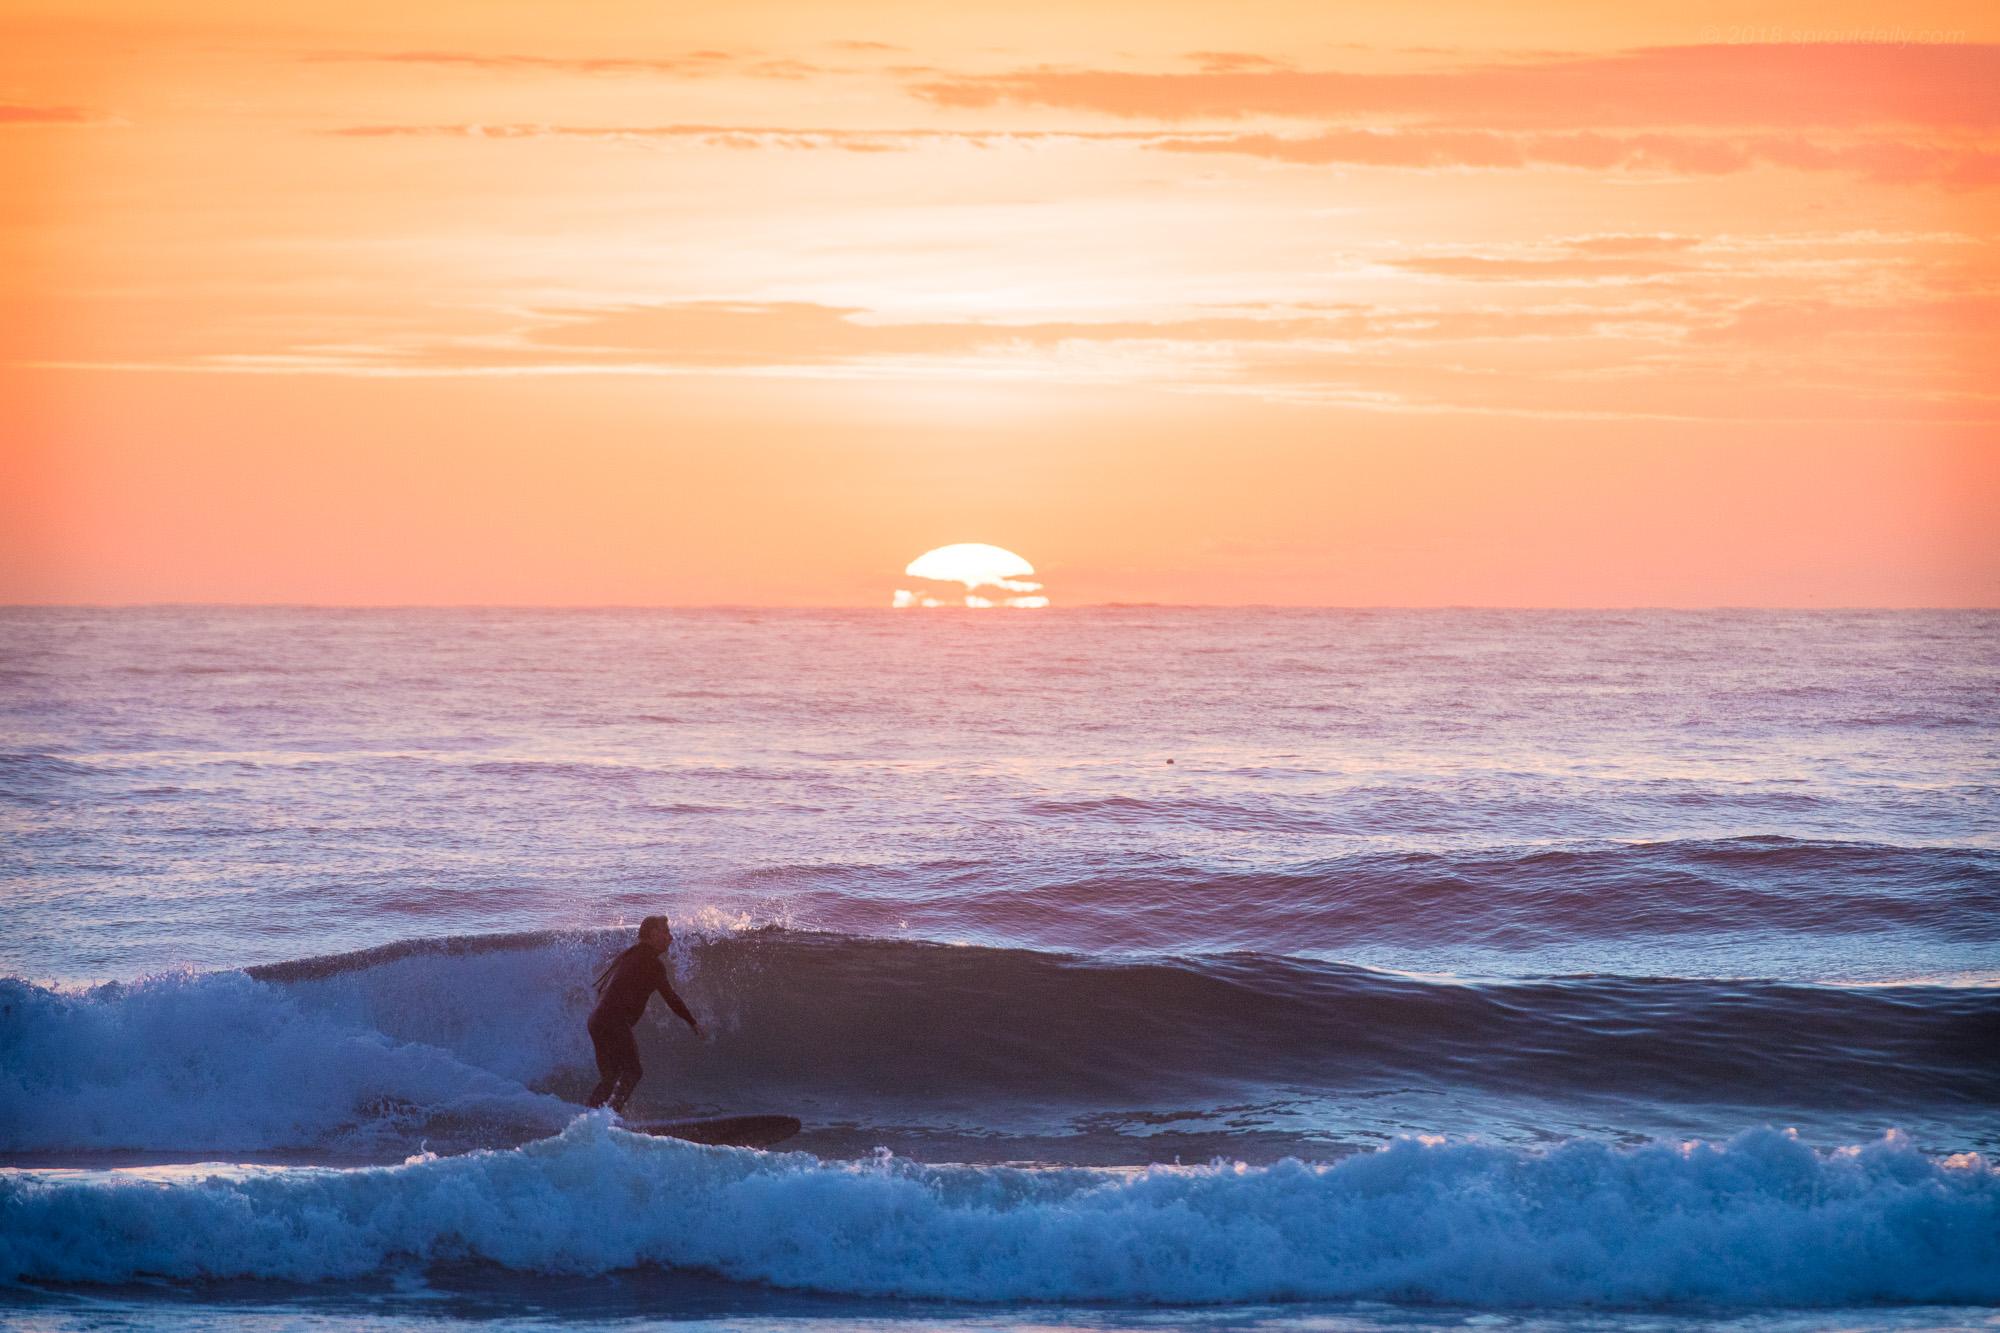 5:30 - Sunrise Left